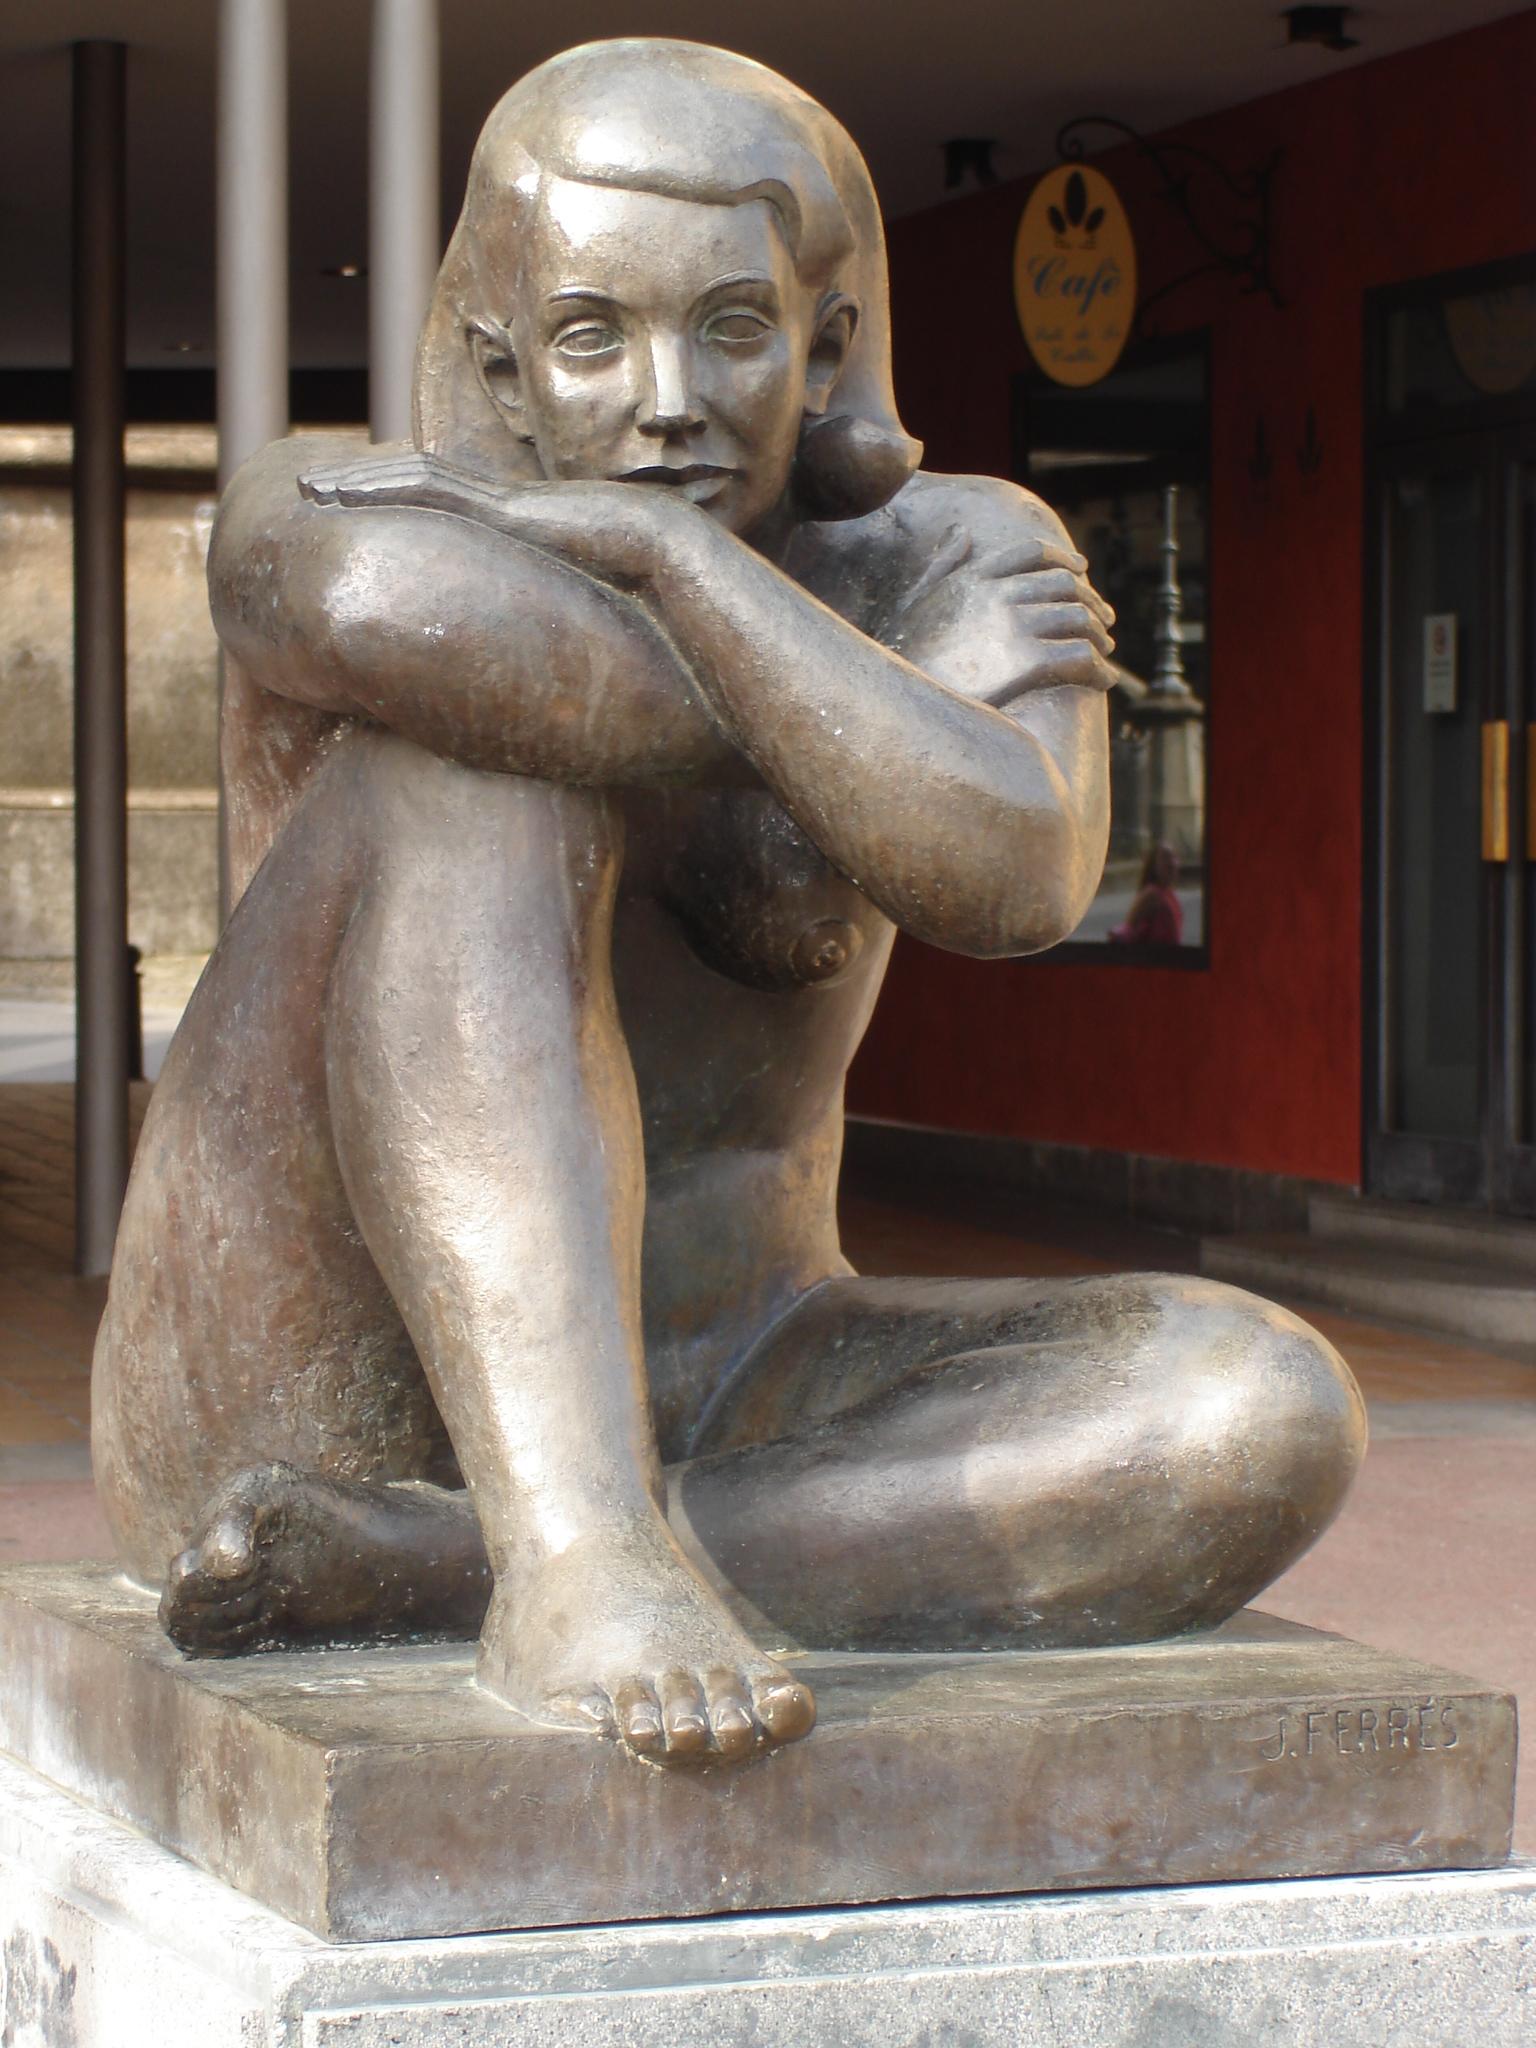 Vajarstvo-skulpture - Page 6 Olot_Sculpture_Placida